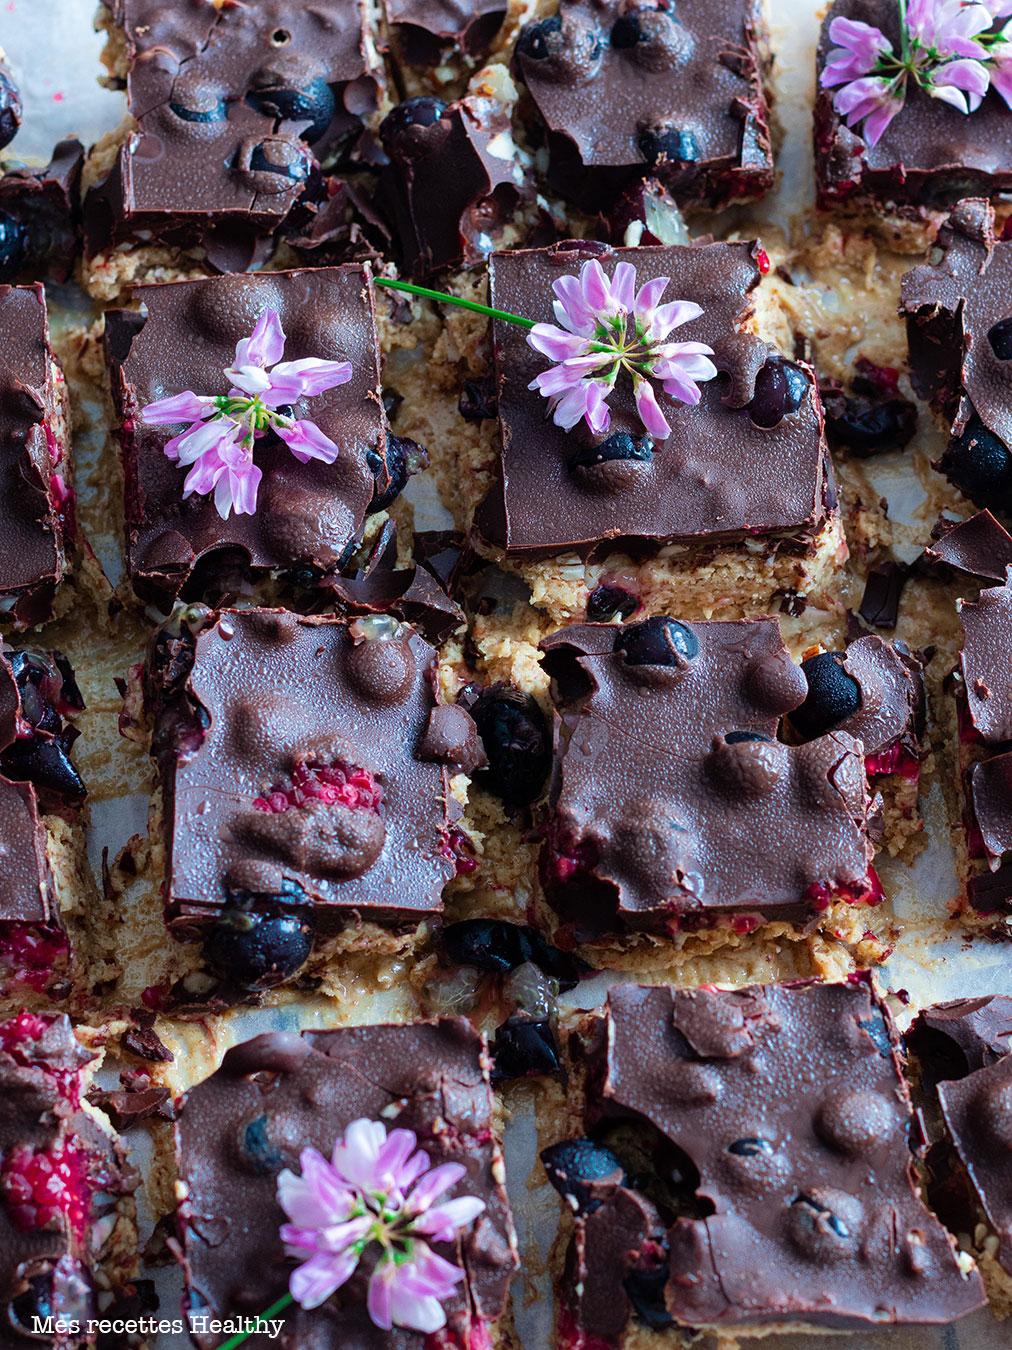 recette healthy-carré de chocolat-beurre de cacahuète-cassis-framboise-fruit-coco-amande